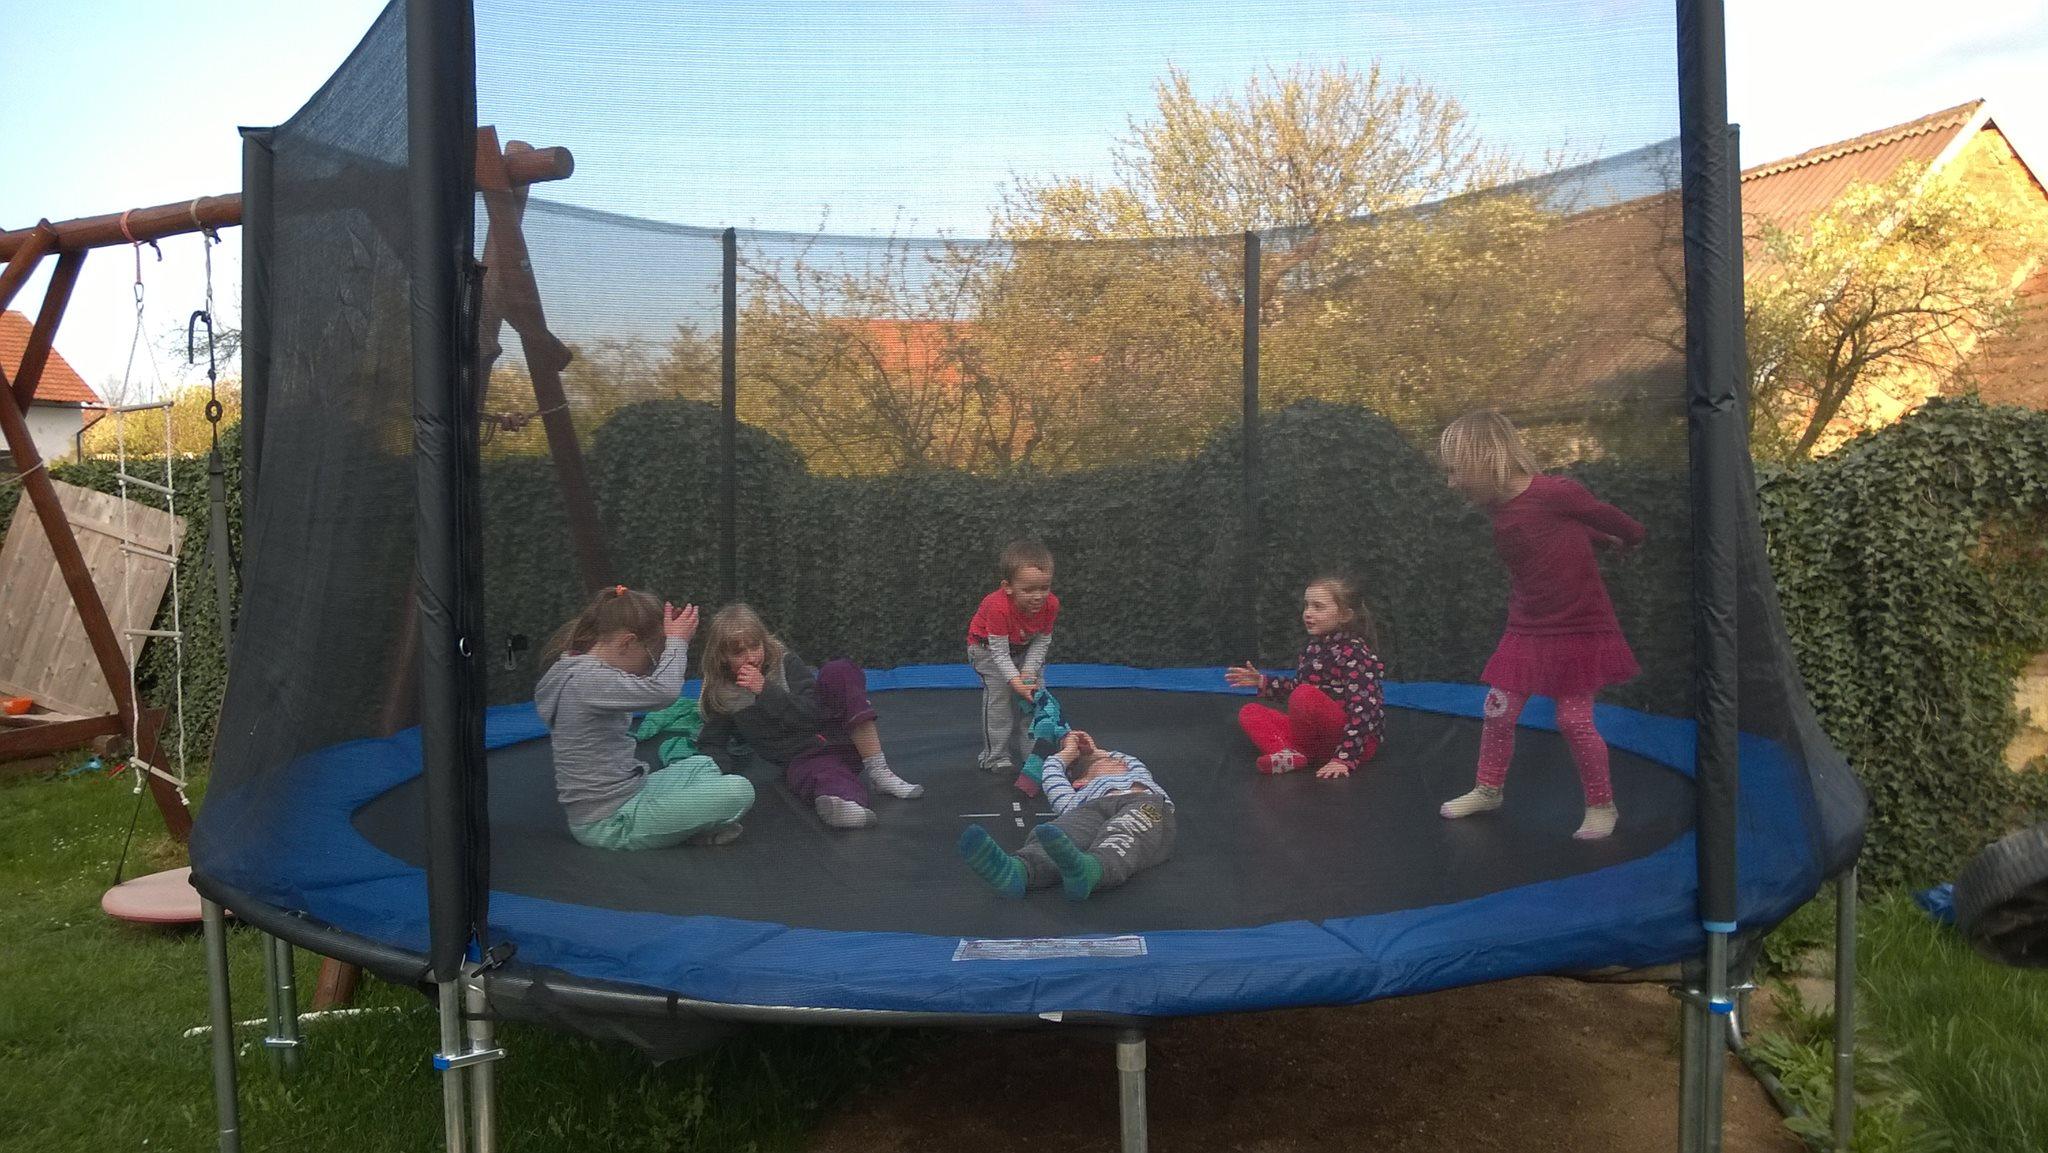 Trampolína plná dětí